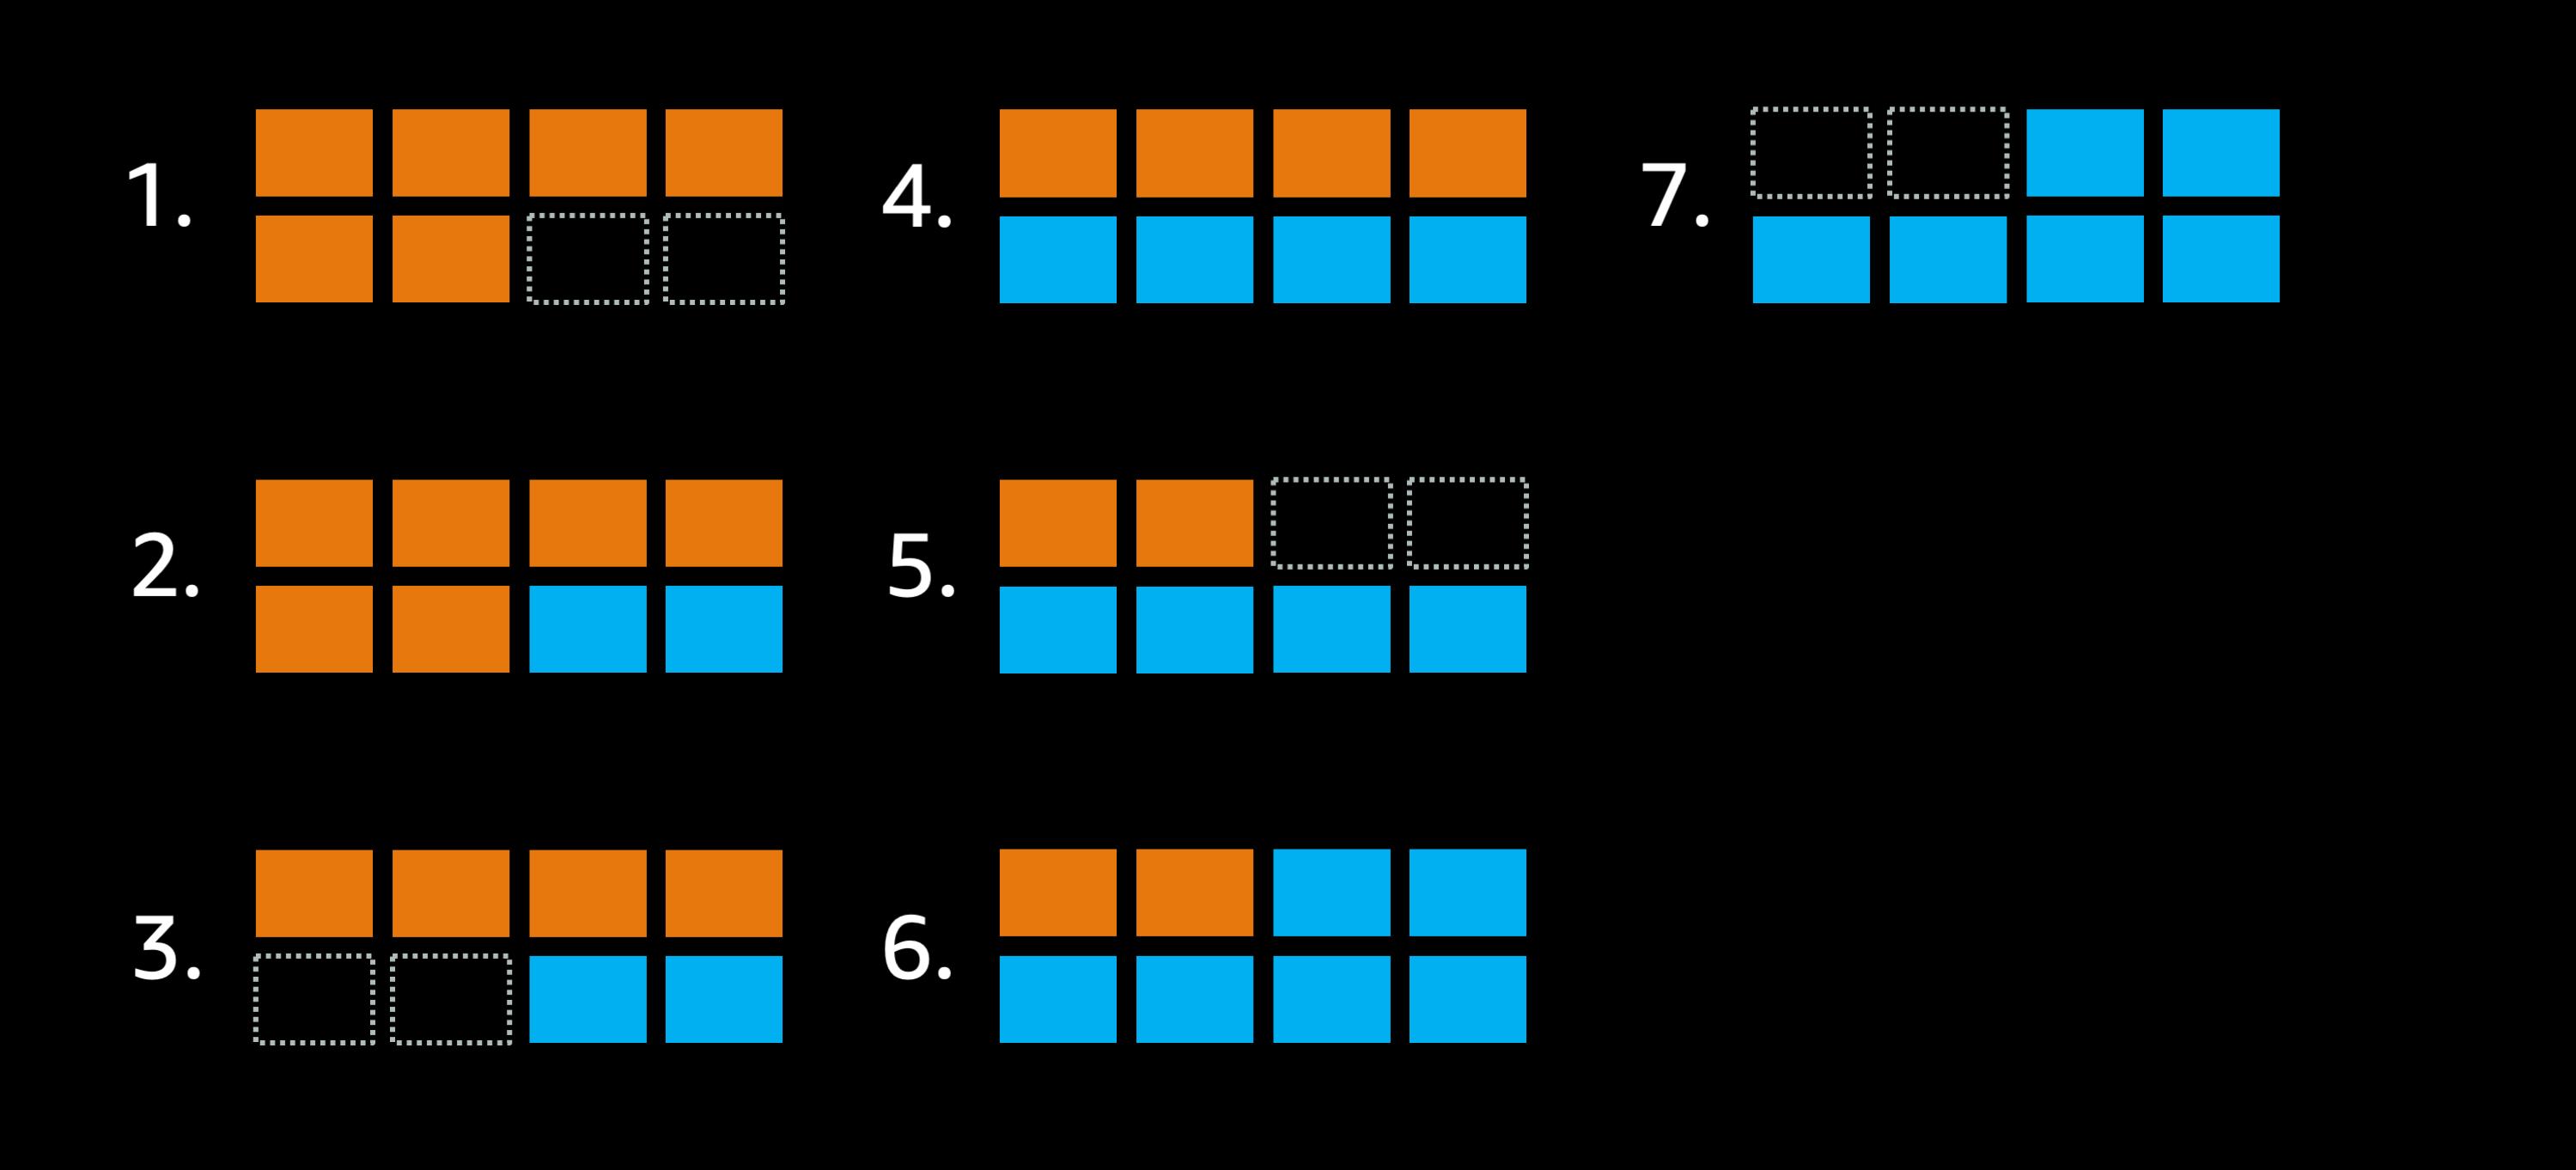 最大8タスク配置可能なクラスタで minimumHealthyPercent = 100% に設定した場合